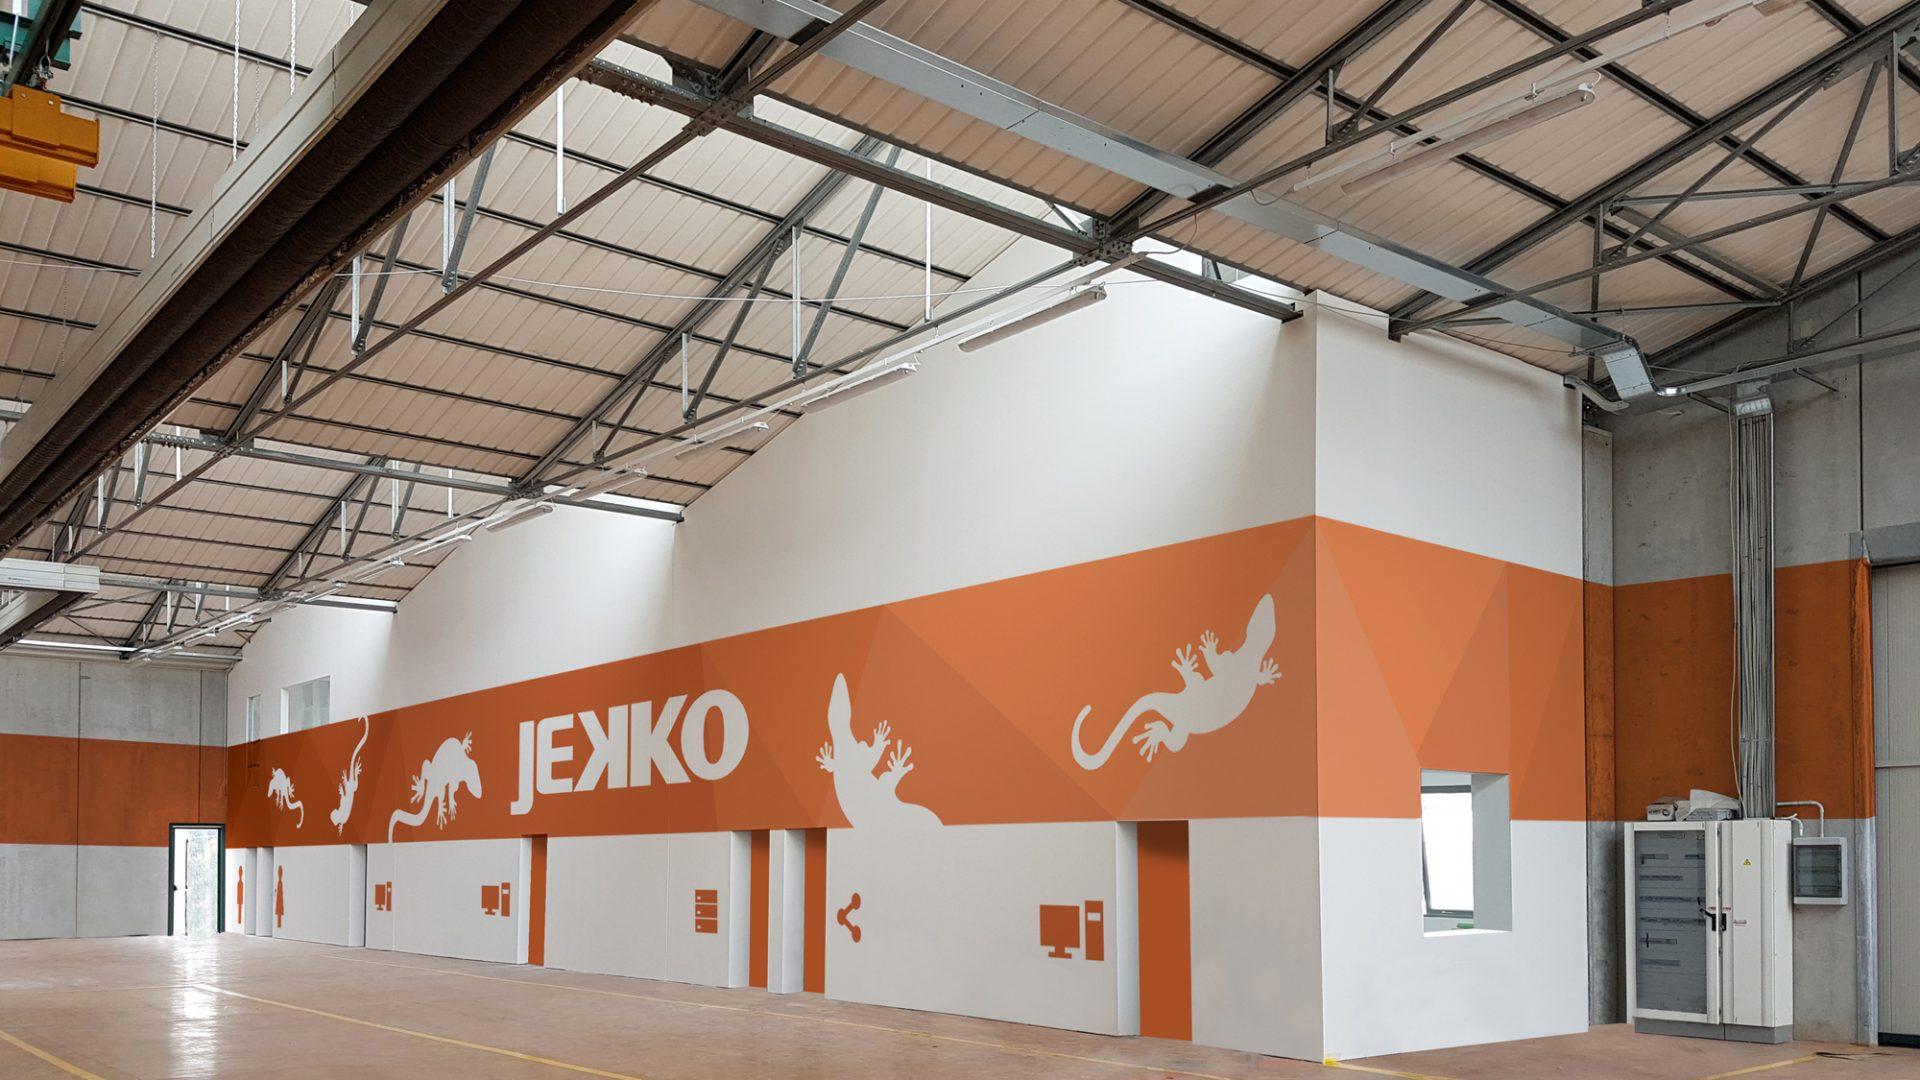 Ristrutturazione fabbricato produttivo – Jekko s.r.l. Studio P&C - CM Associati